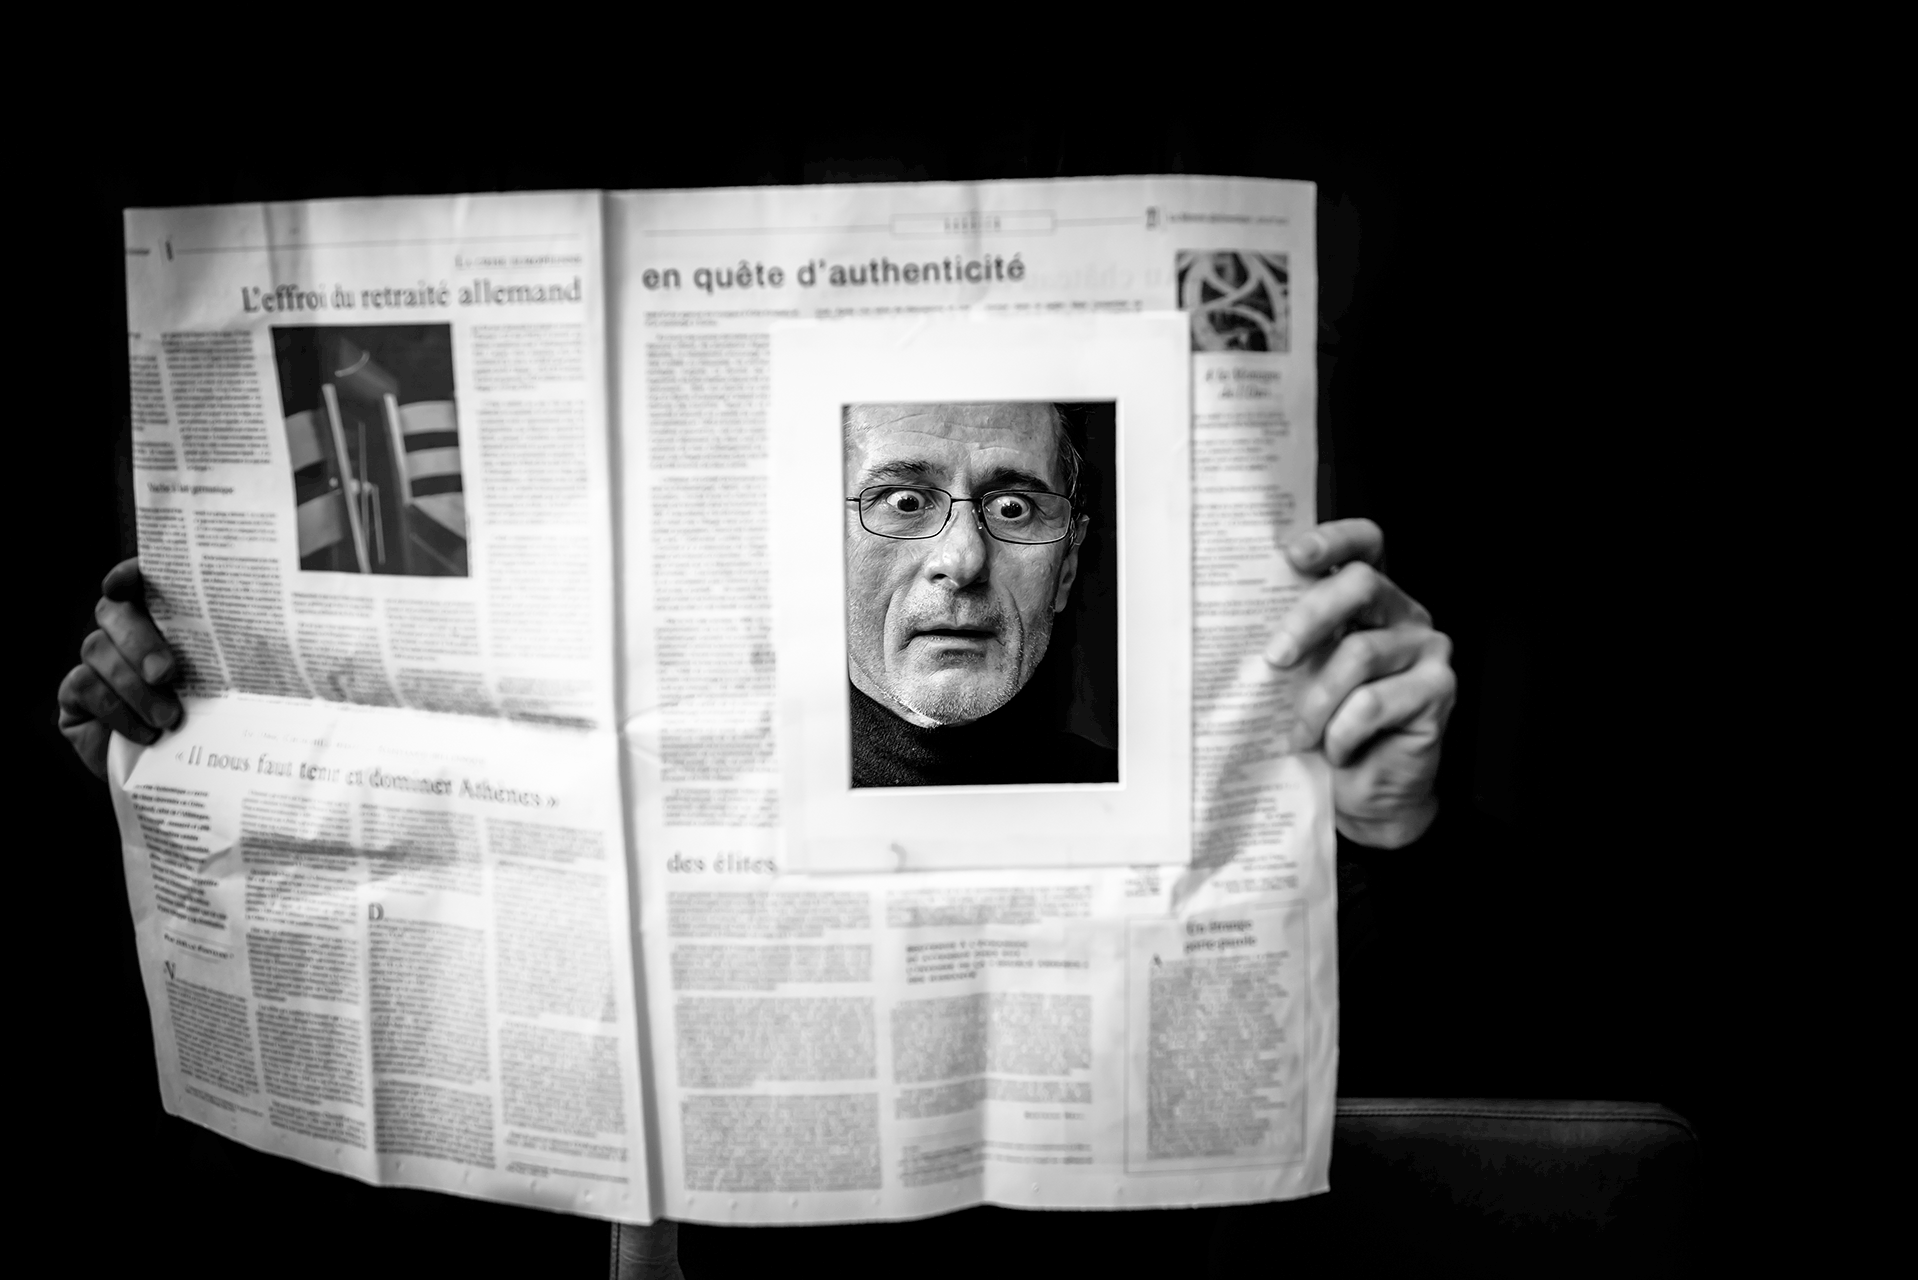 portrait-photo-photographe-ile-de-france-paris-maya-angelsen